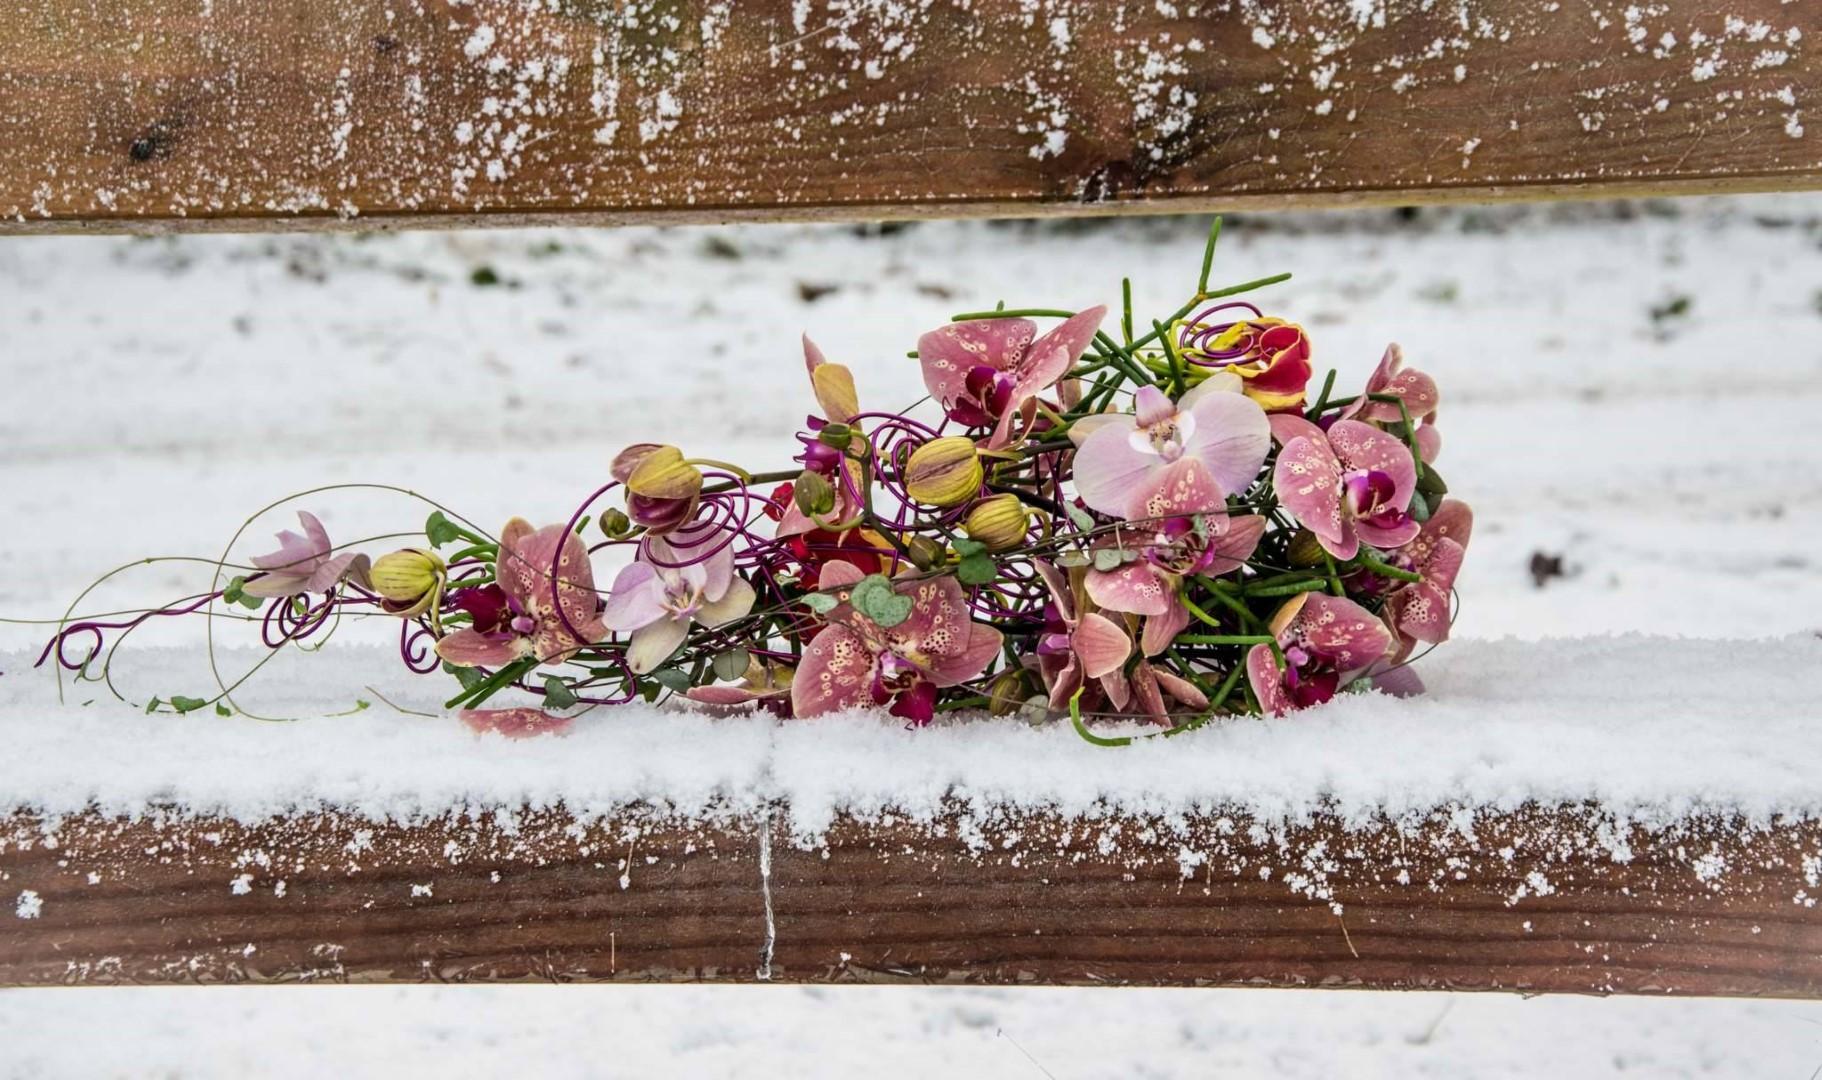 Bruidsboeket-bijzonder-winter-bruiloft-drenthe-orchidee-kleurrijk